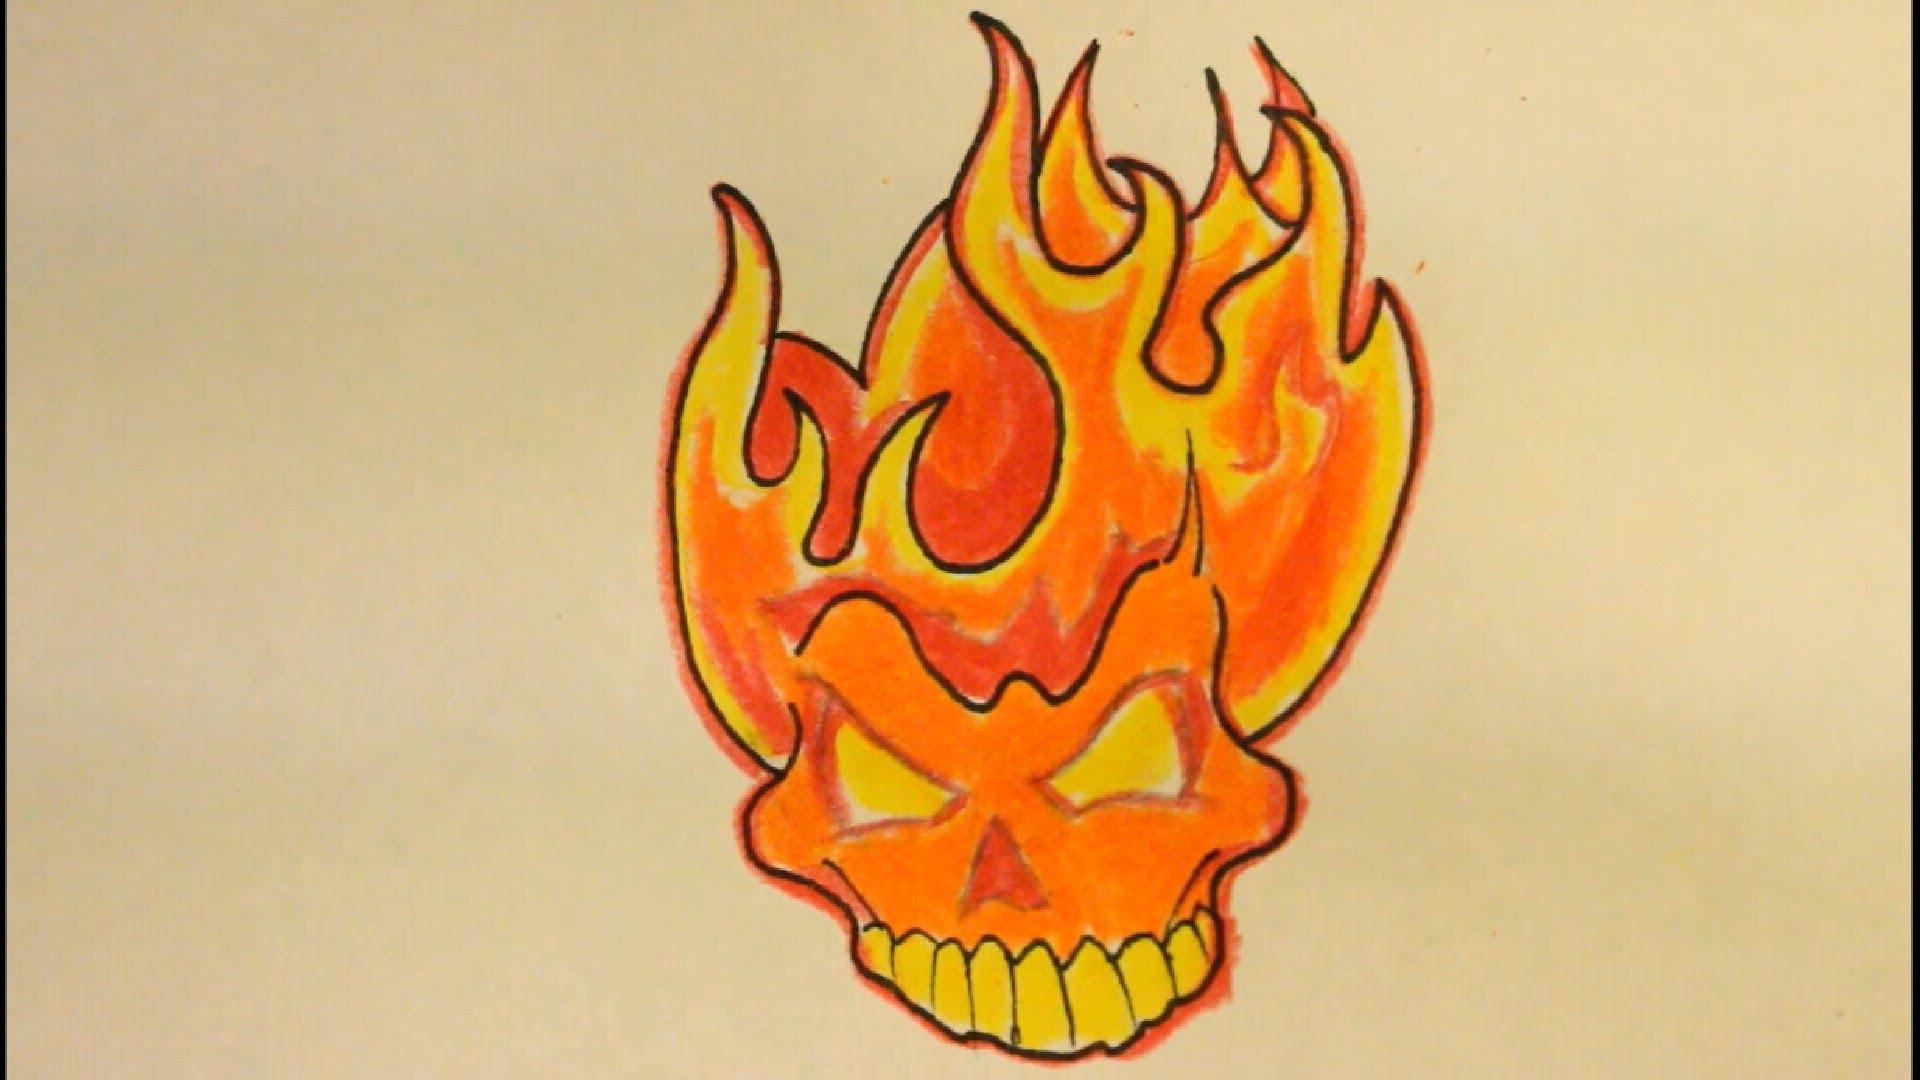 Drawn skull on fire Fire On Skull Beginners For